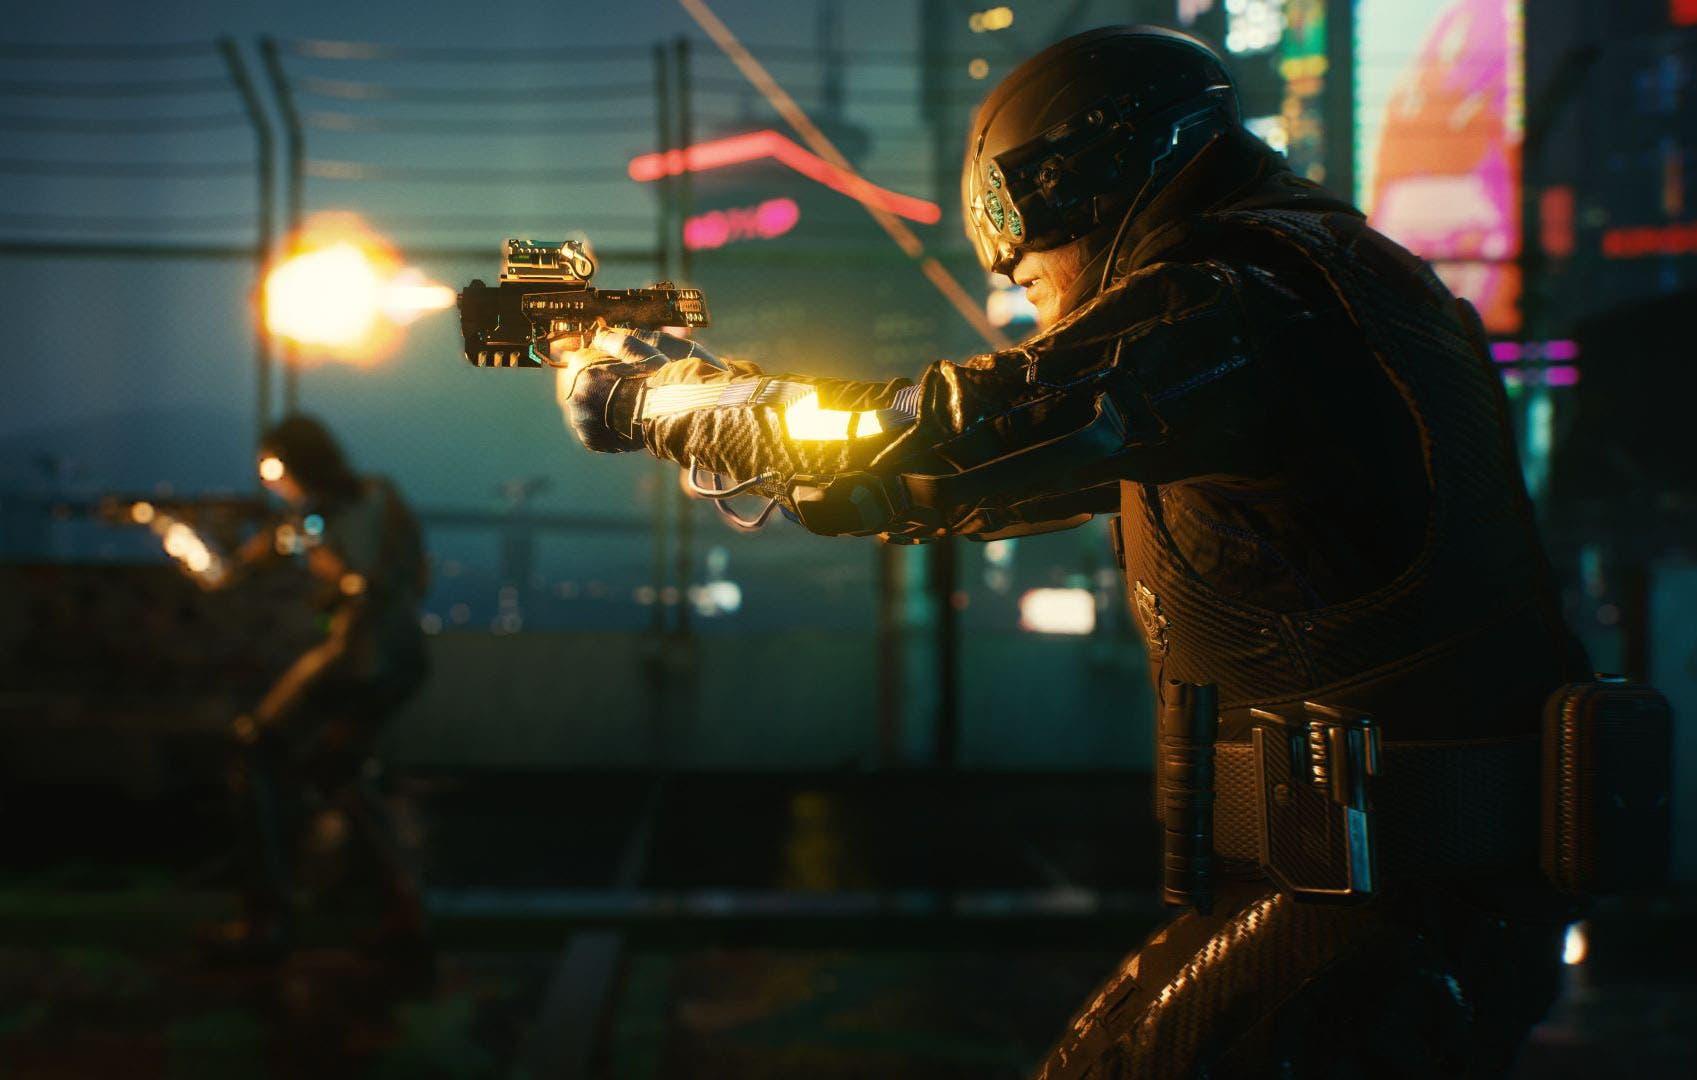 La campaña de Cyberpunk 2077 será más corta que la de The Witcher 3 2